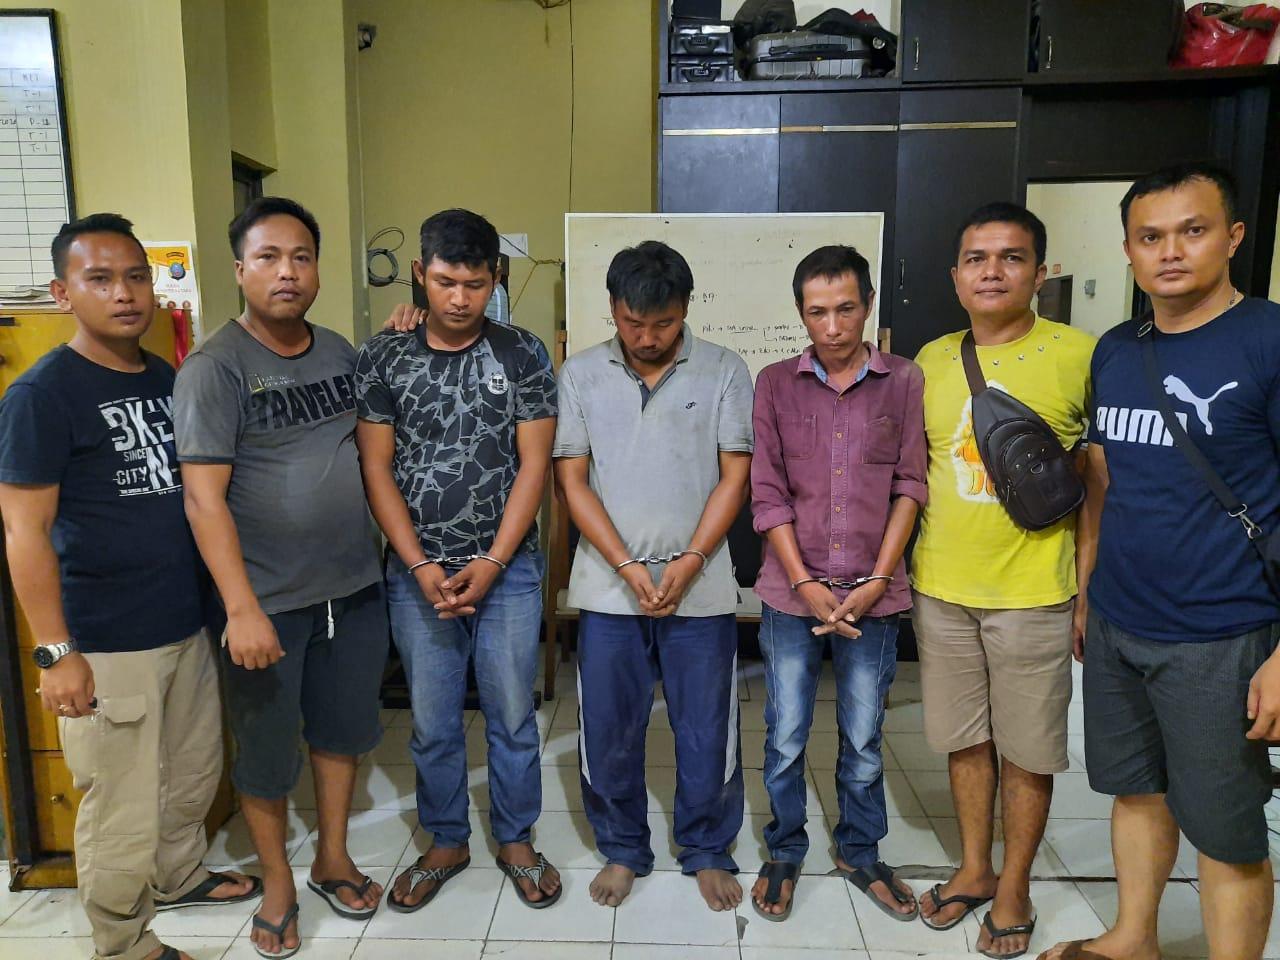 Narkoba di Tanjung Balai, Polisi Ringkus 3 Bandar